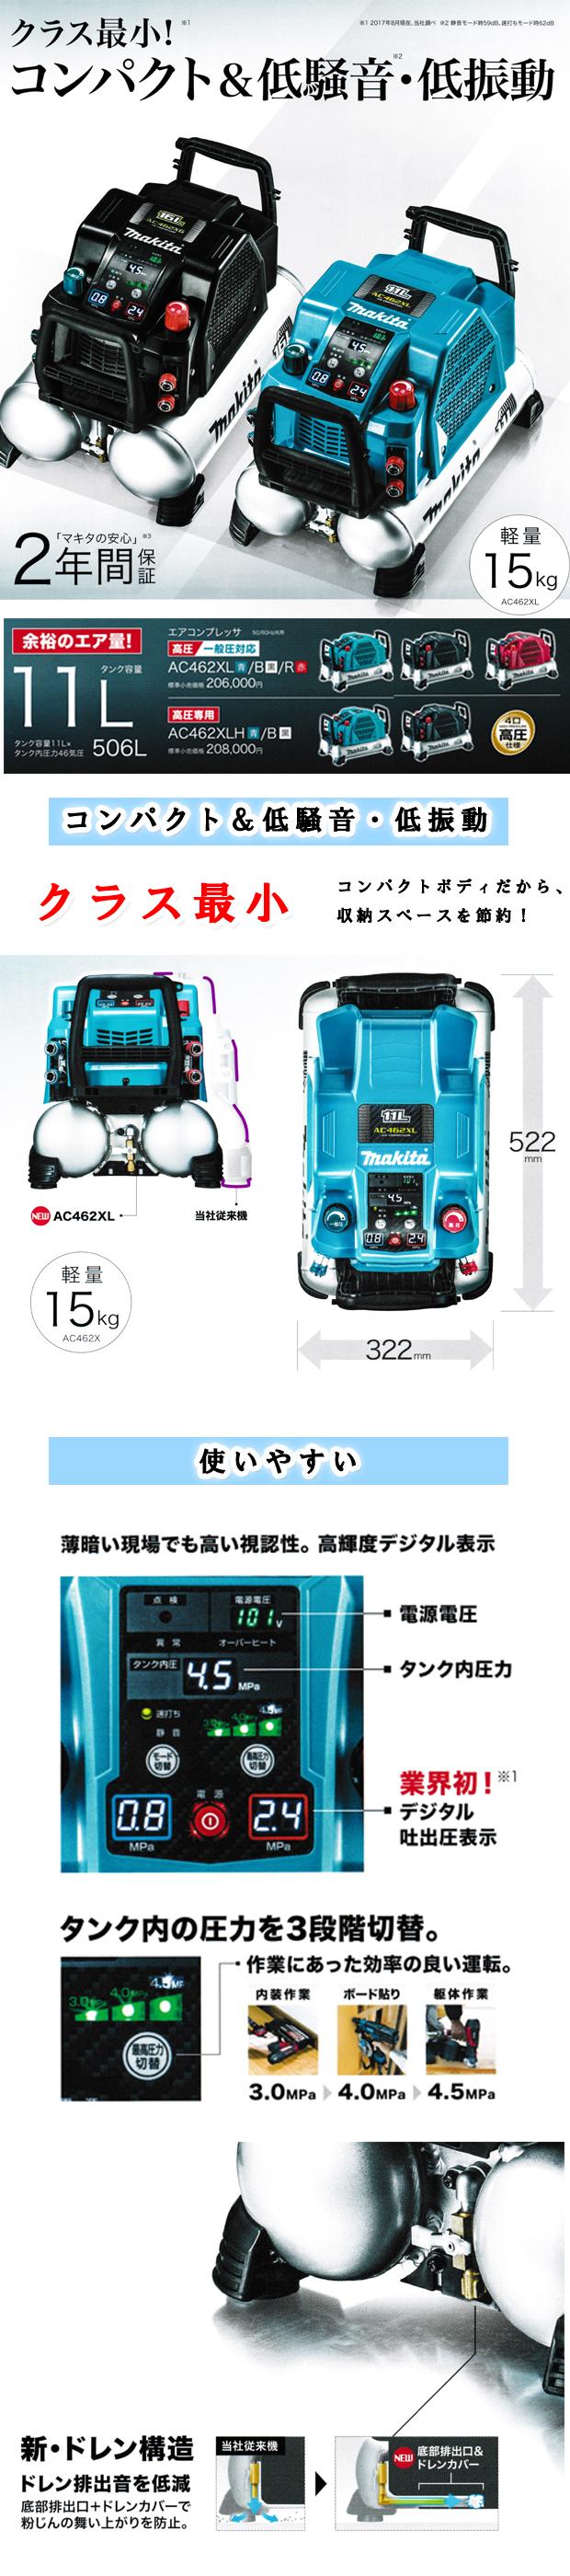 マキタ 46気圧エアコンプレッサ AC462XLH